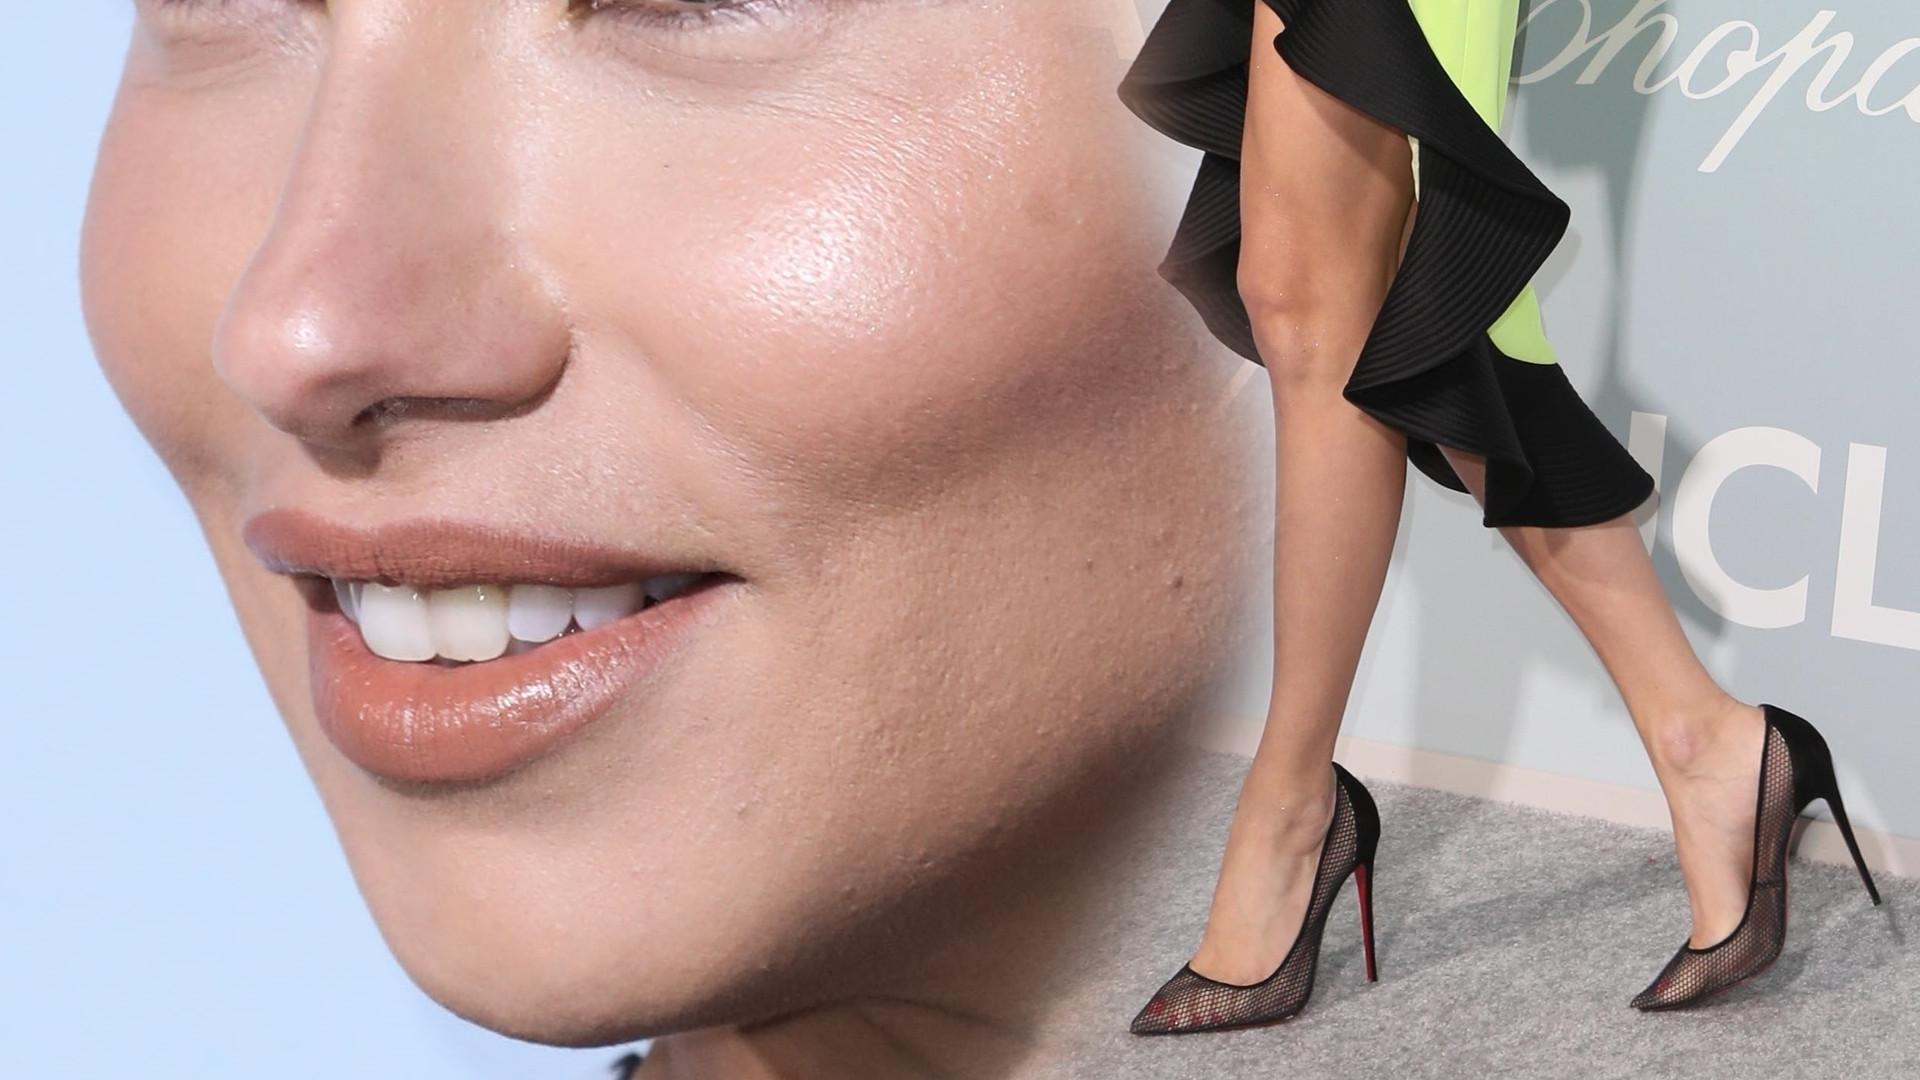 Niesamowity makijaż Adriany Limy – trudno byłoby nam go powtórzyć! (ZDJĘCIA)